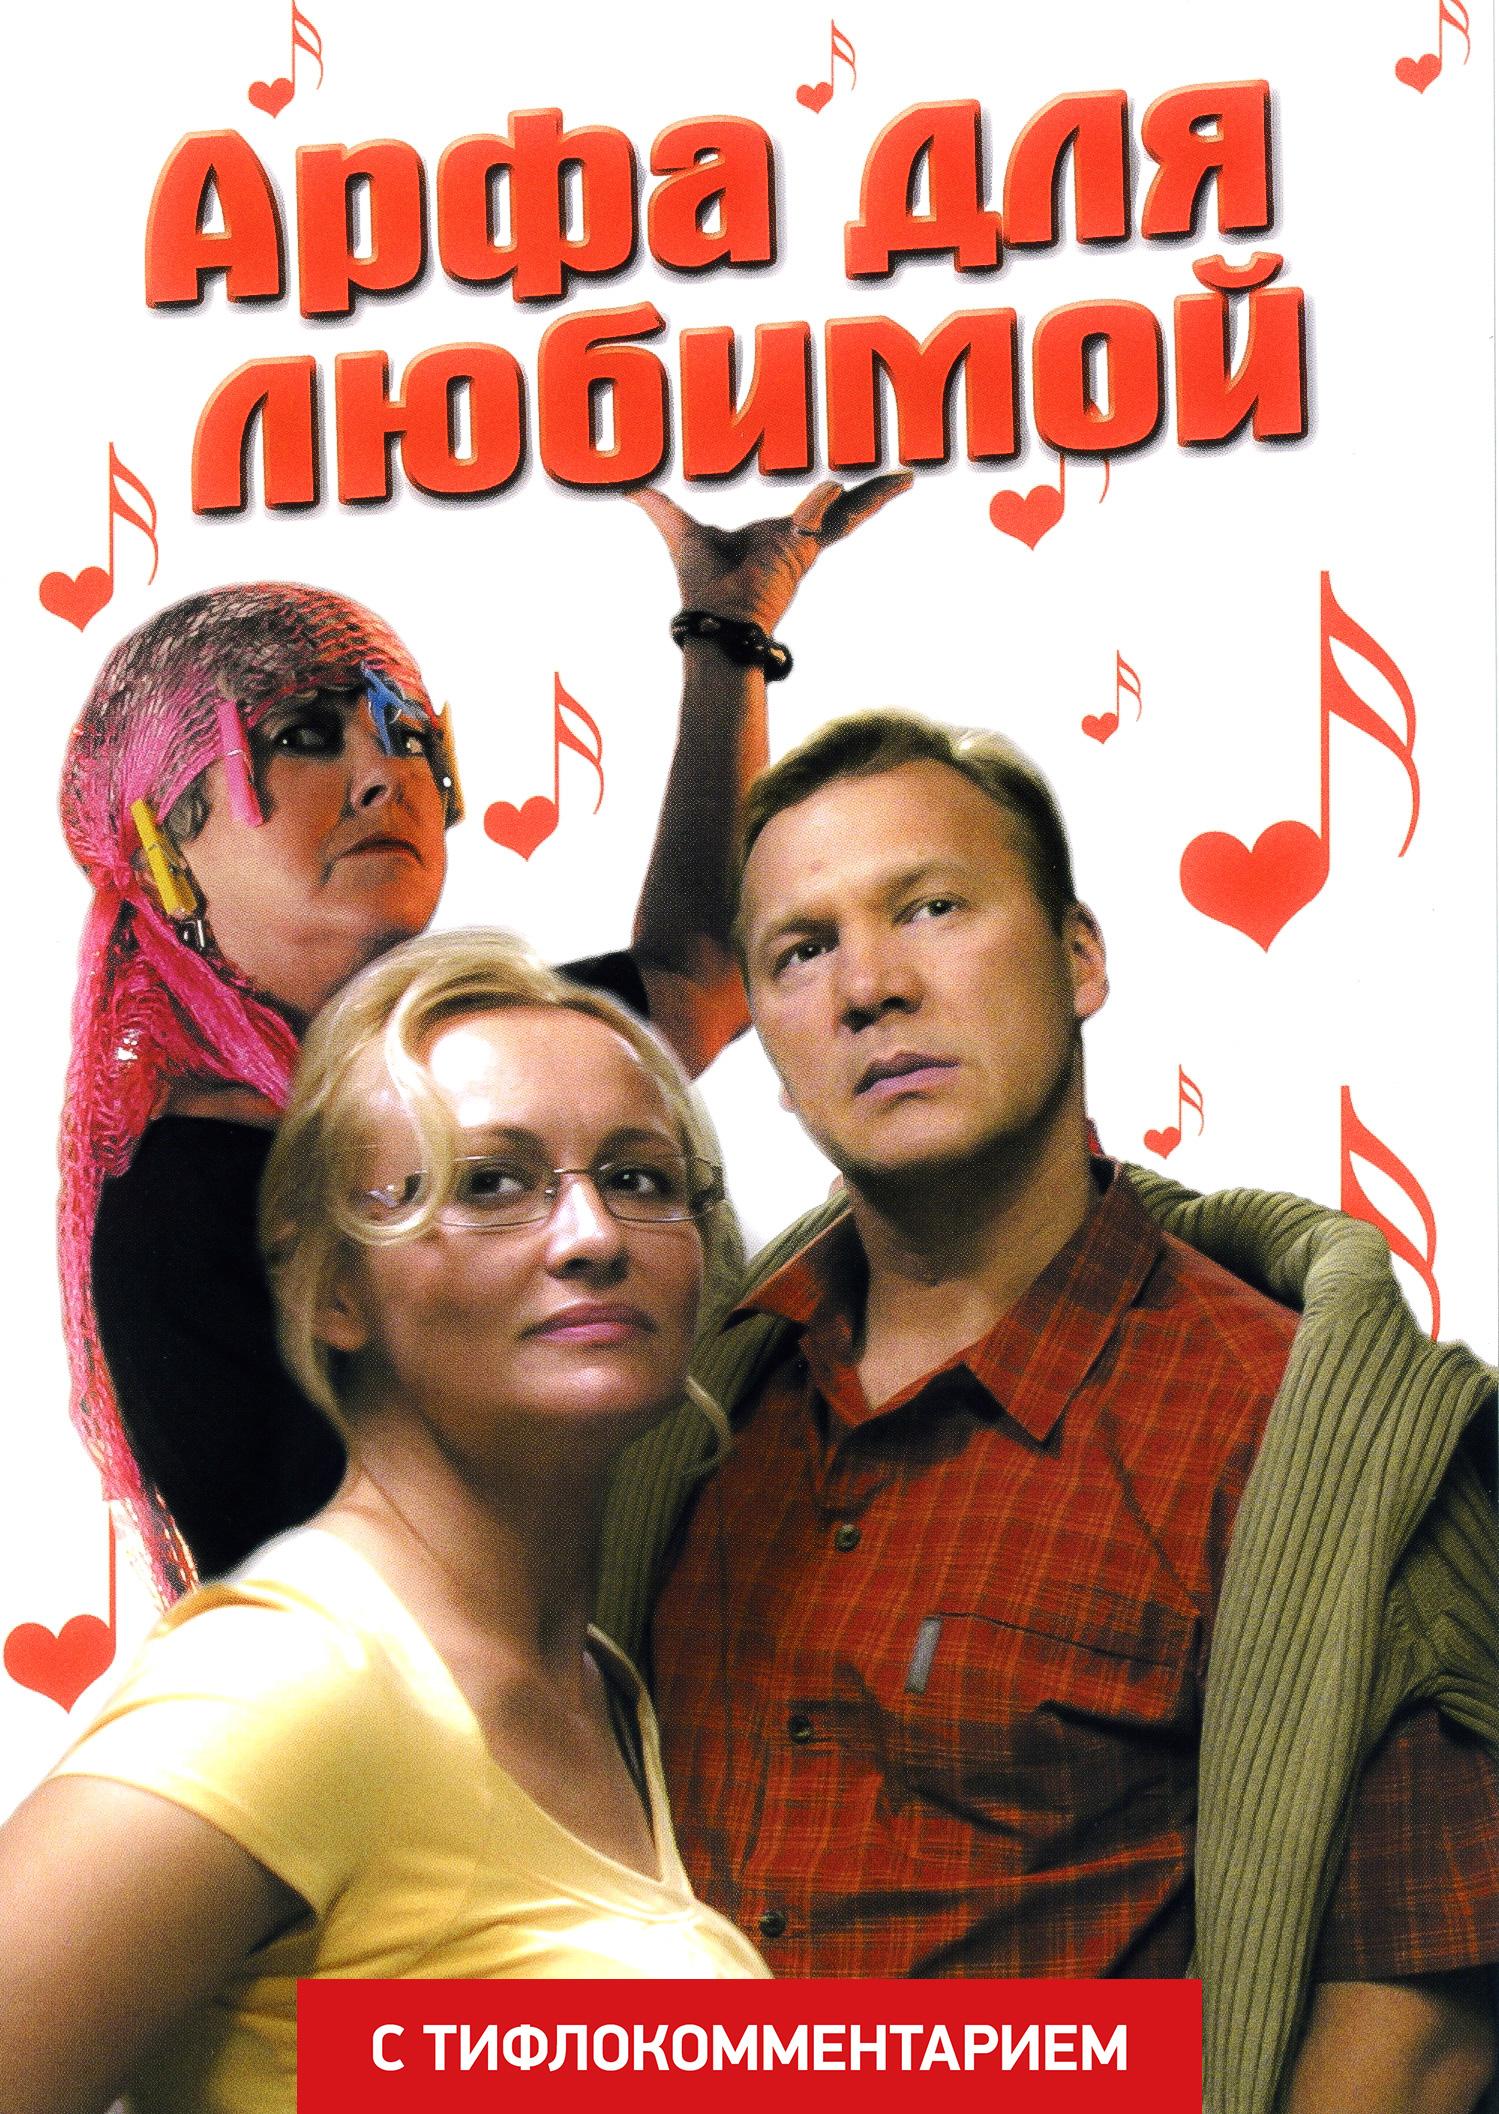 Постер фильма - Арфа для любимой (версия с тифлокомментарием)